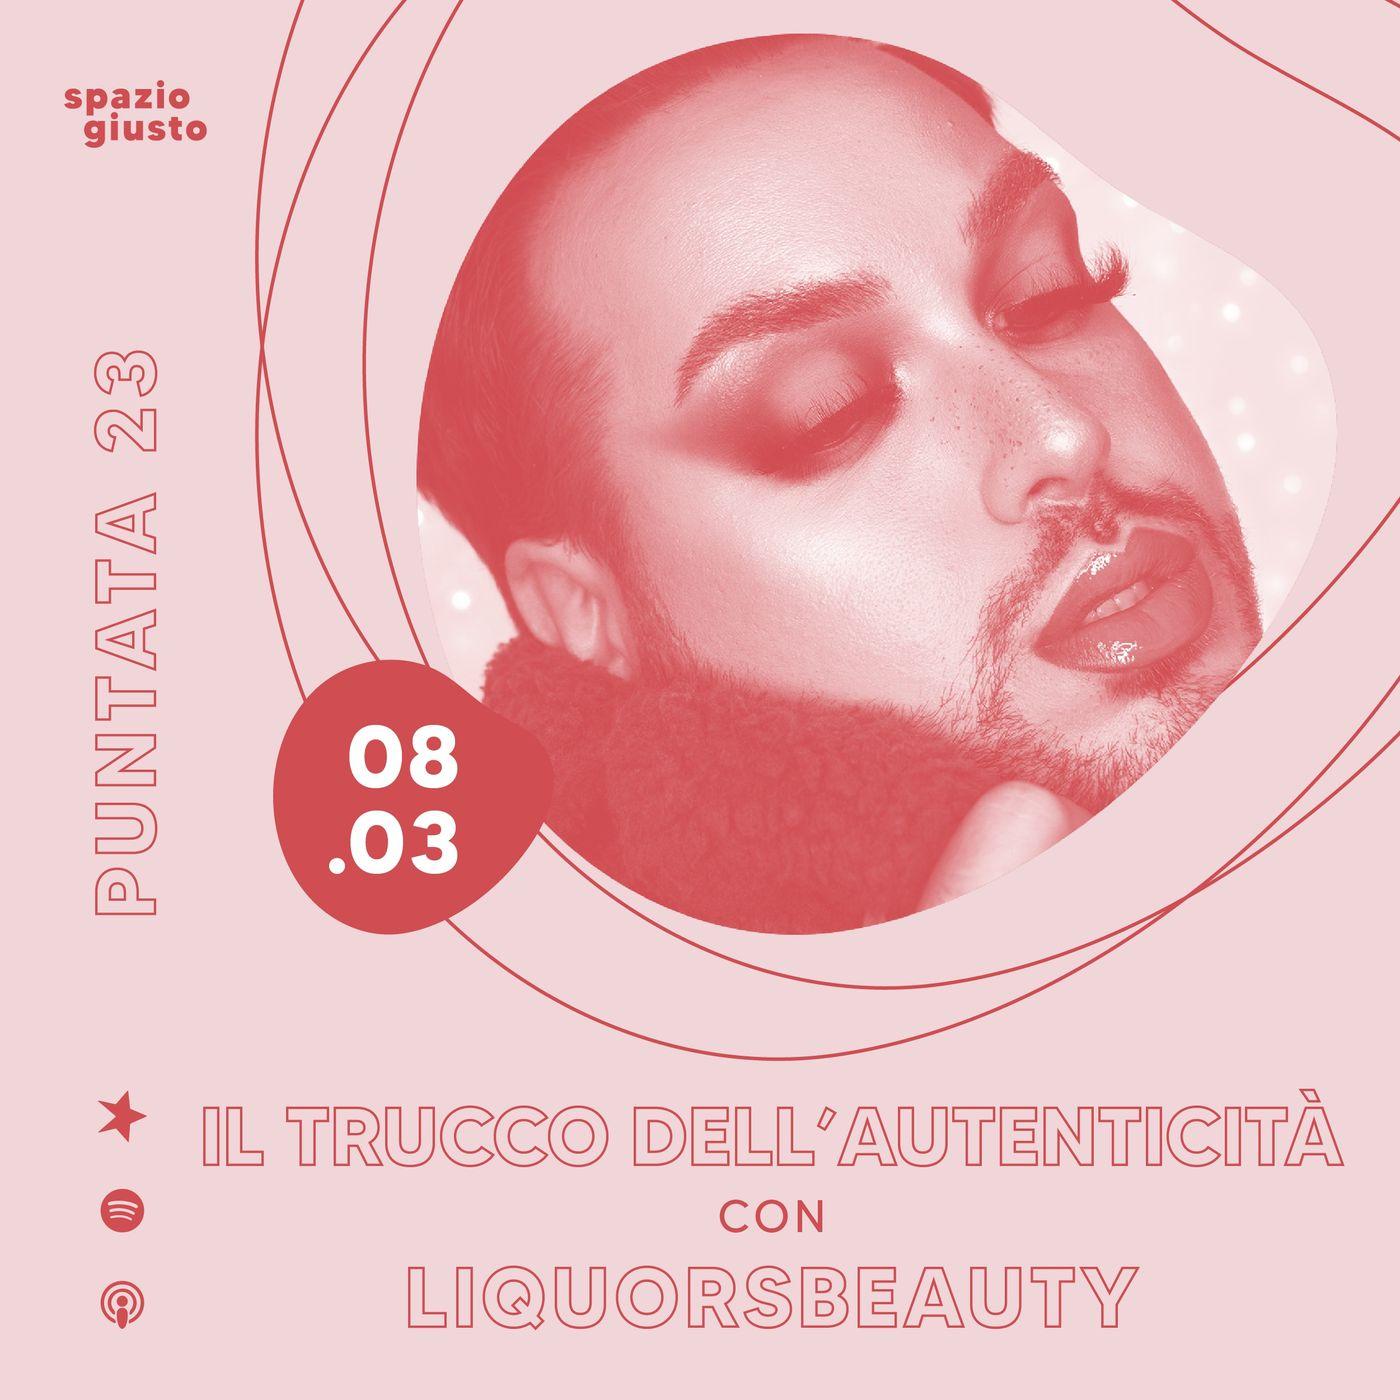 Puntata 23 - Il trucco dell'autenticità: la storia di Luca, dall'omofobia alle passioni liberatorie.